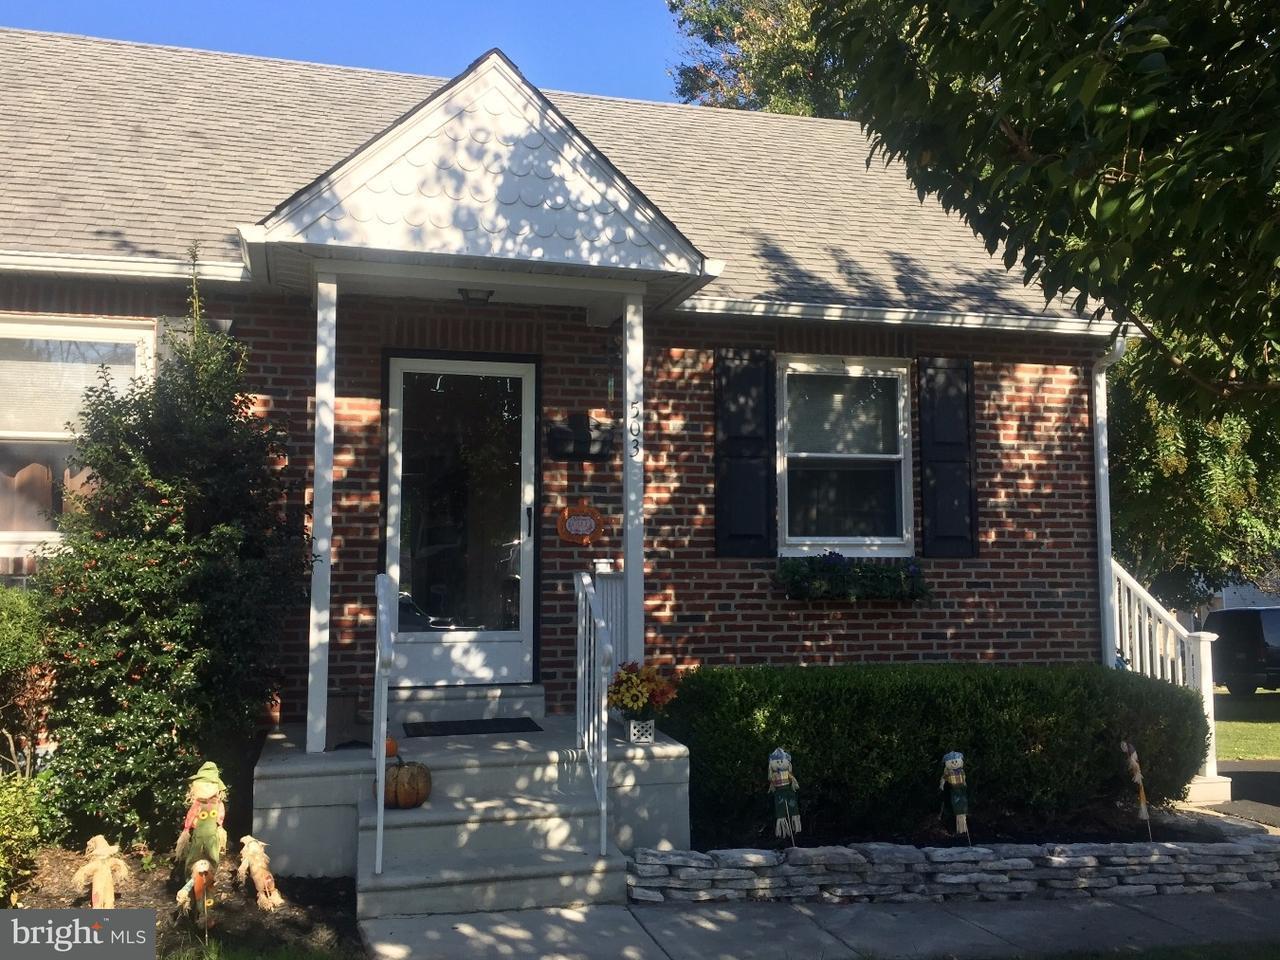 Частный односемейный дом для того Продажа на 503 CRUMLYNNE Road Ridley Park, Пенсильвания 19078 Соединенные Штаты